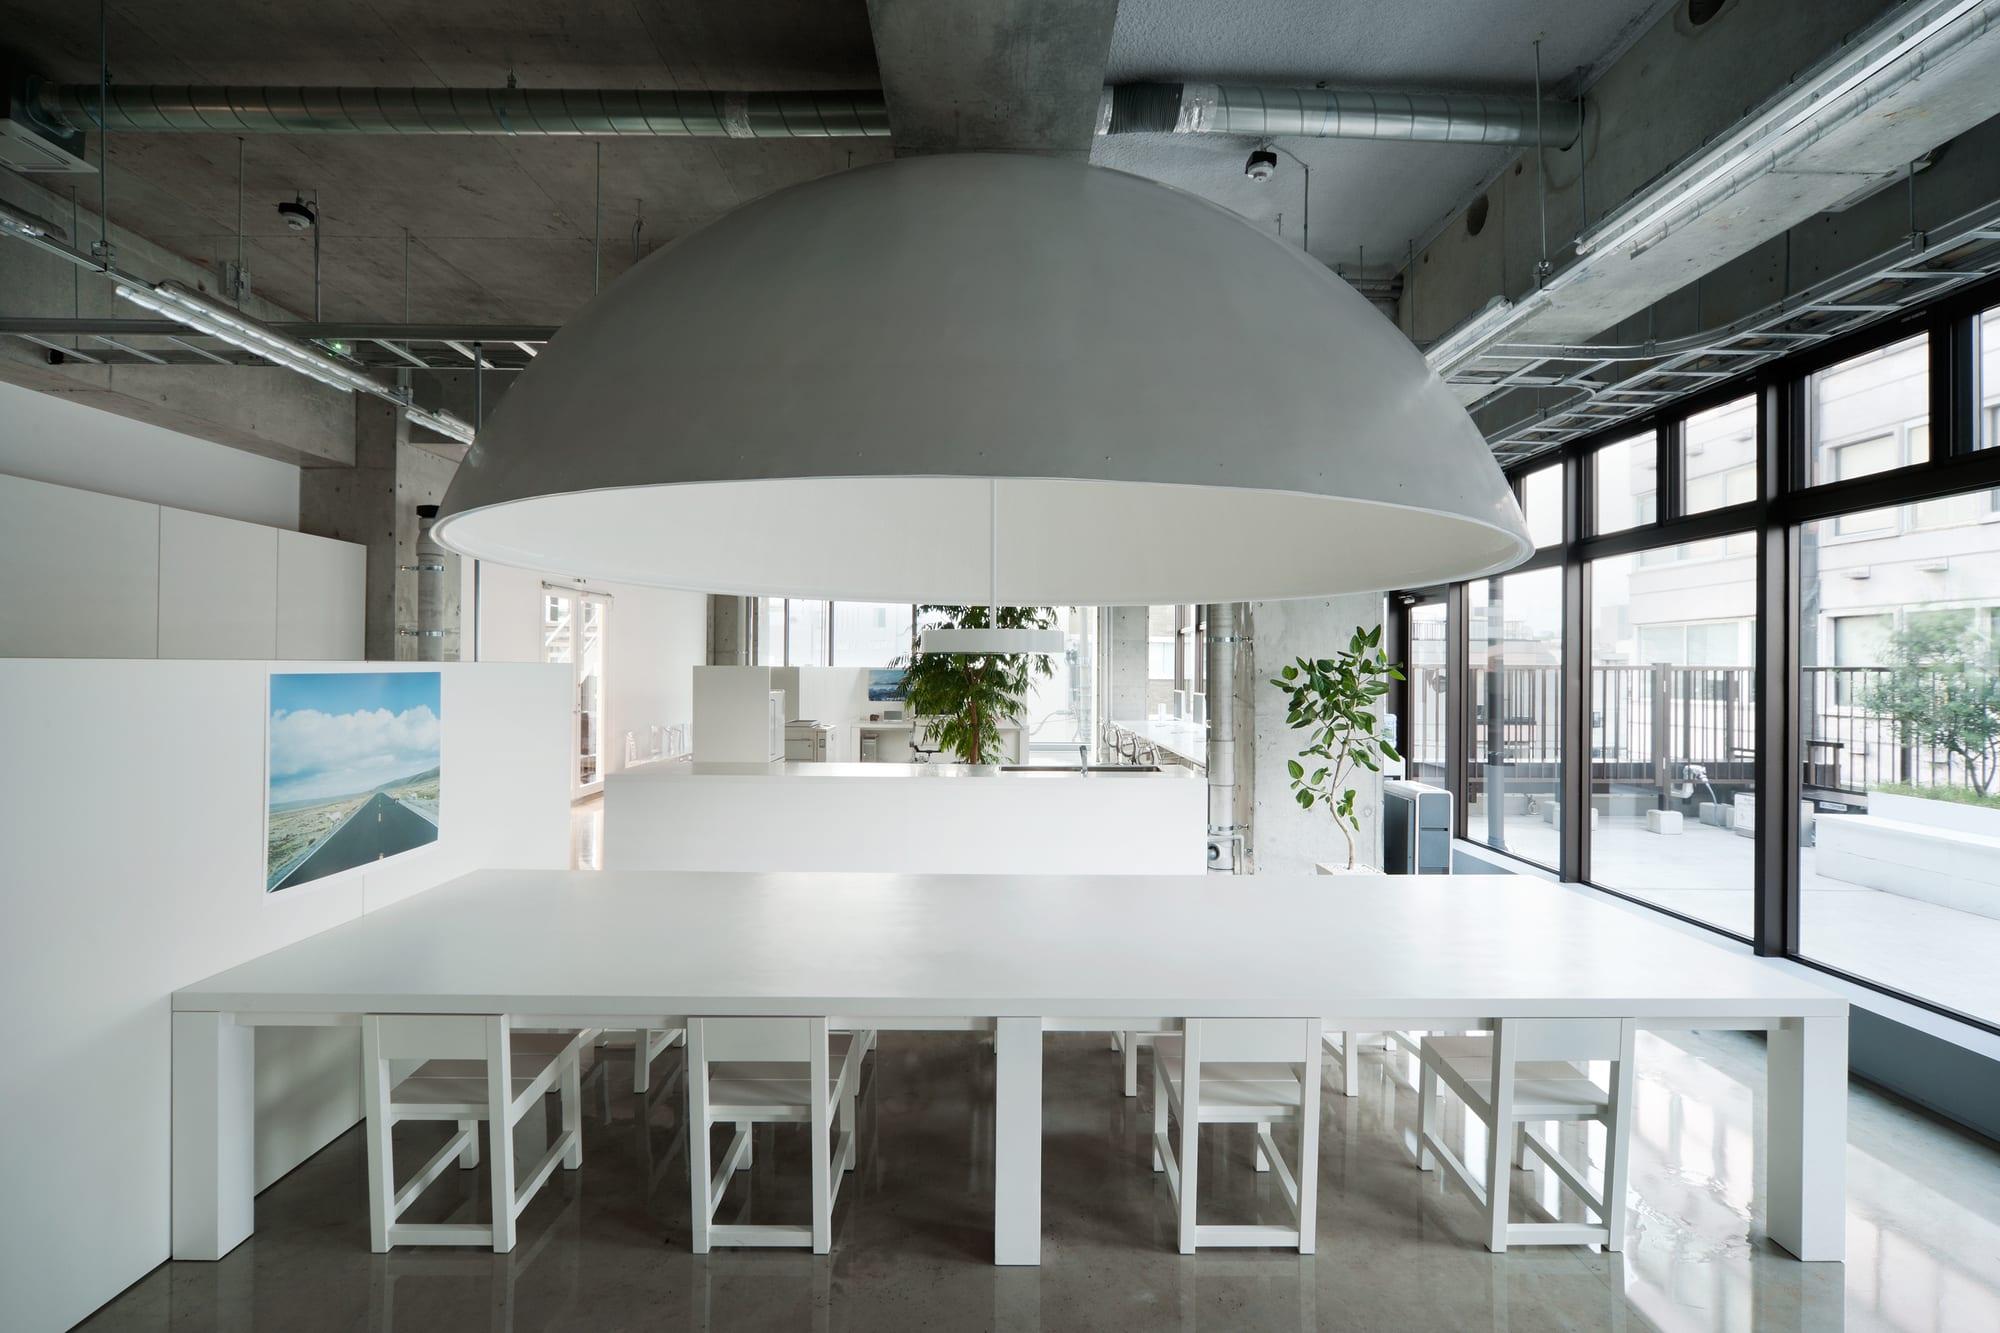 Büro Im Schlafzimmer Ideen – vitaplaza.info